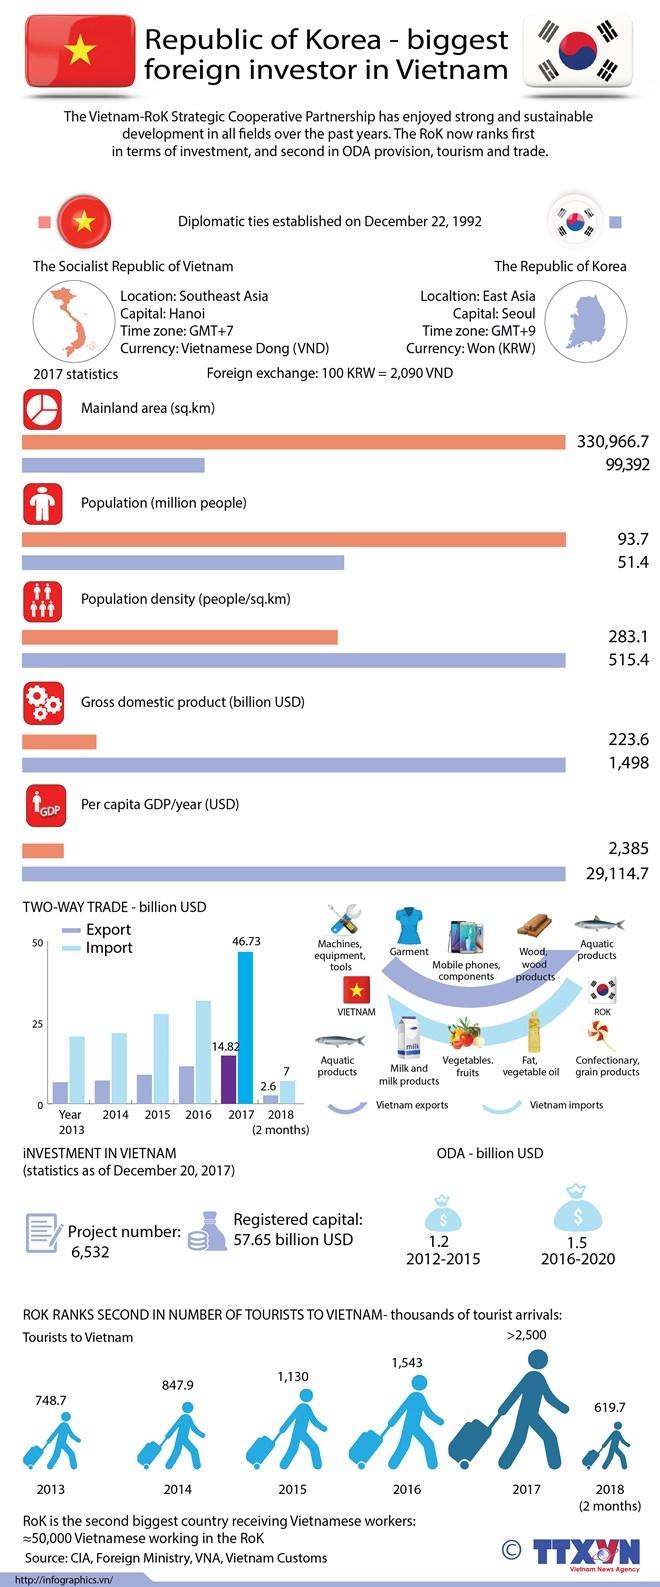 republic of korea biggest foreign investor in vietnam